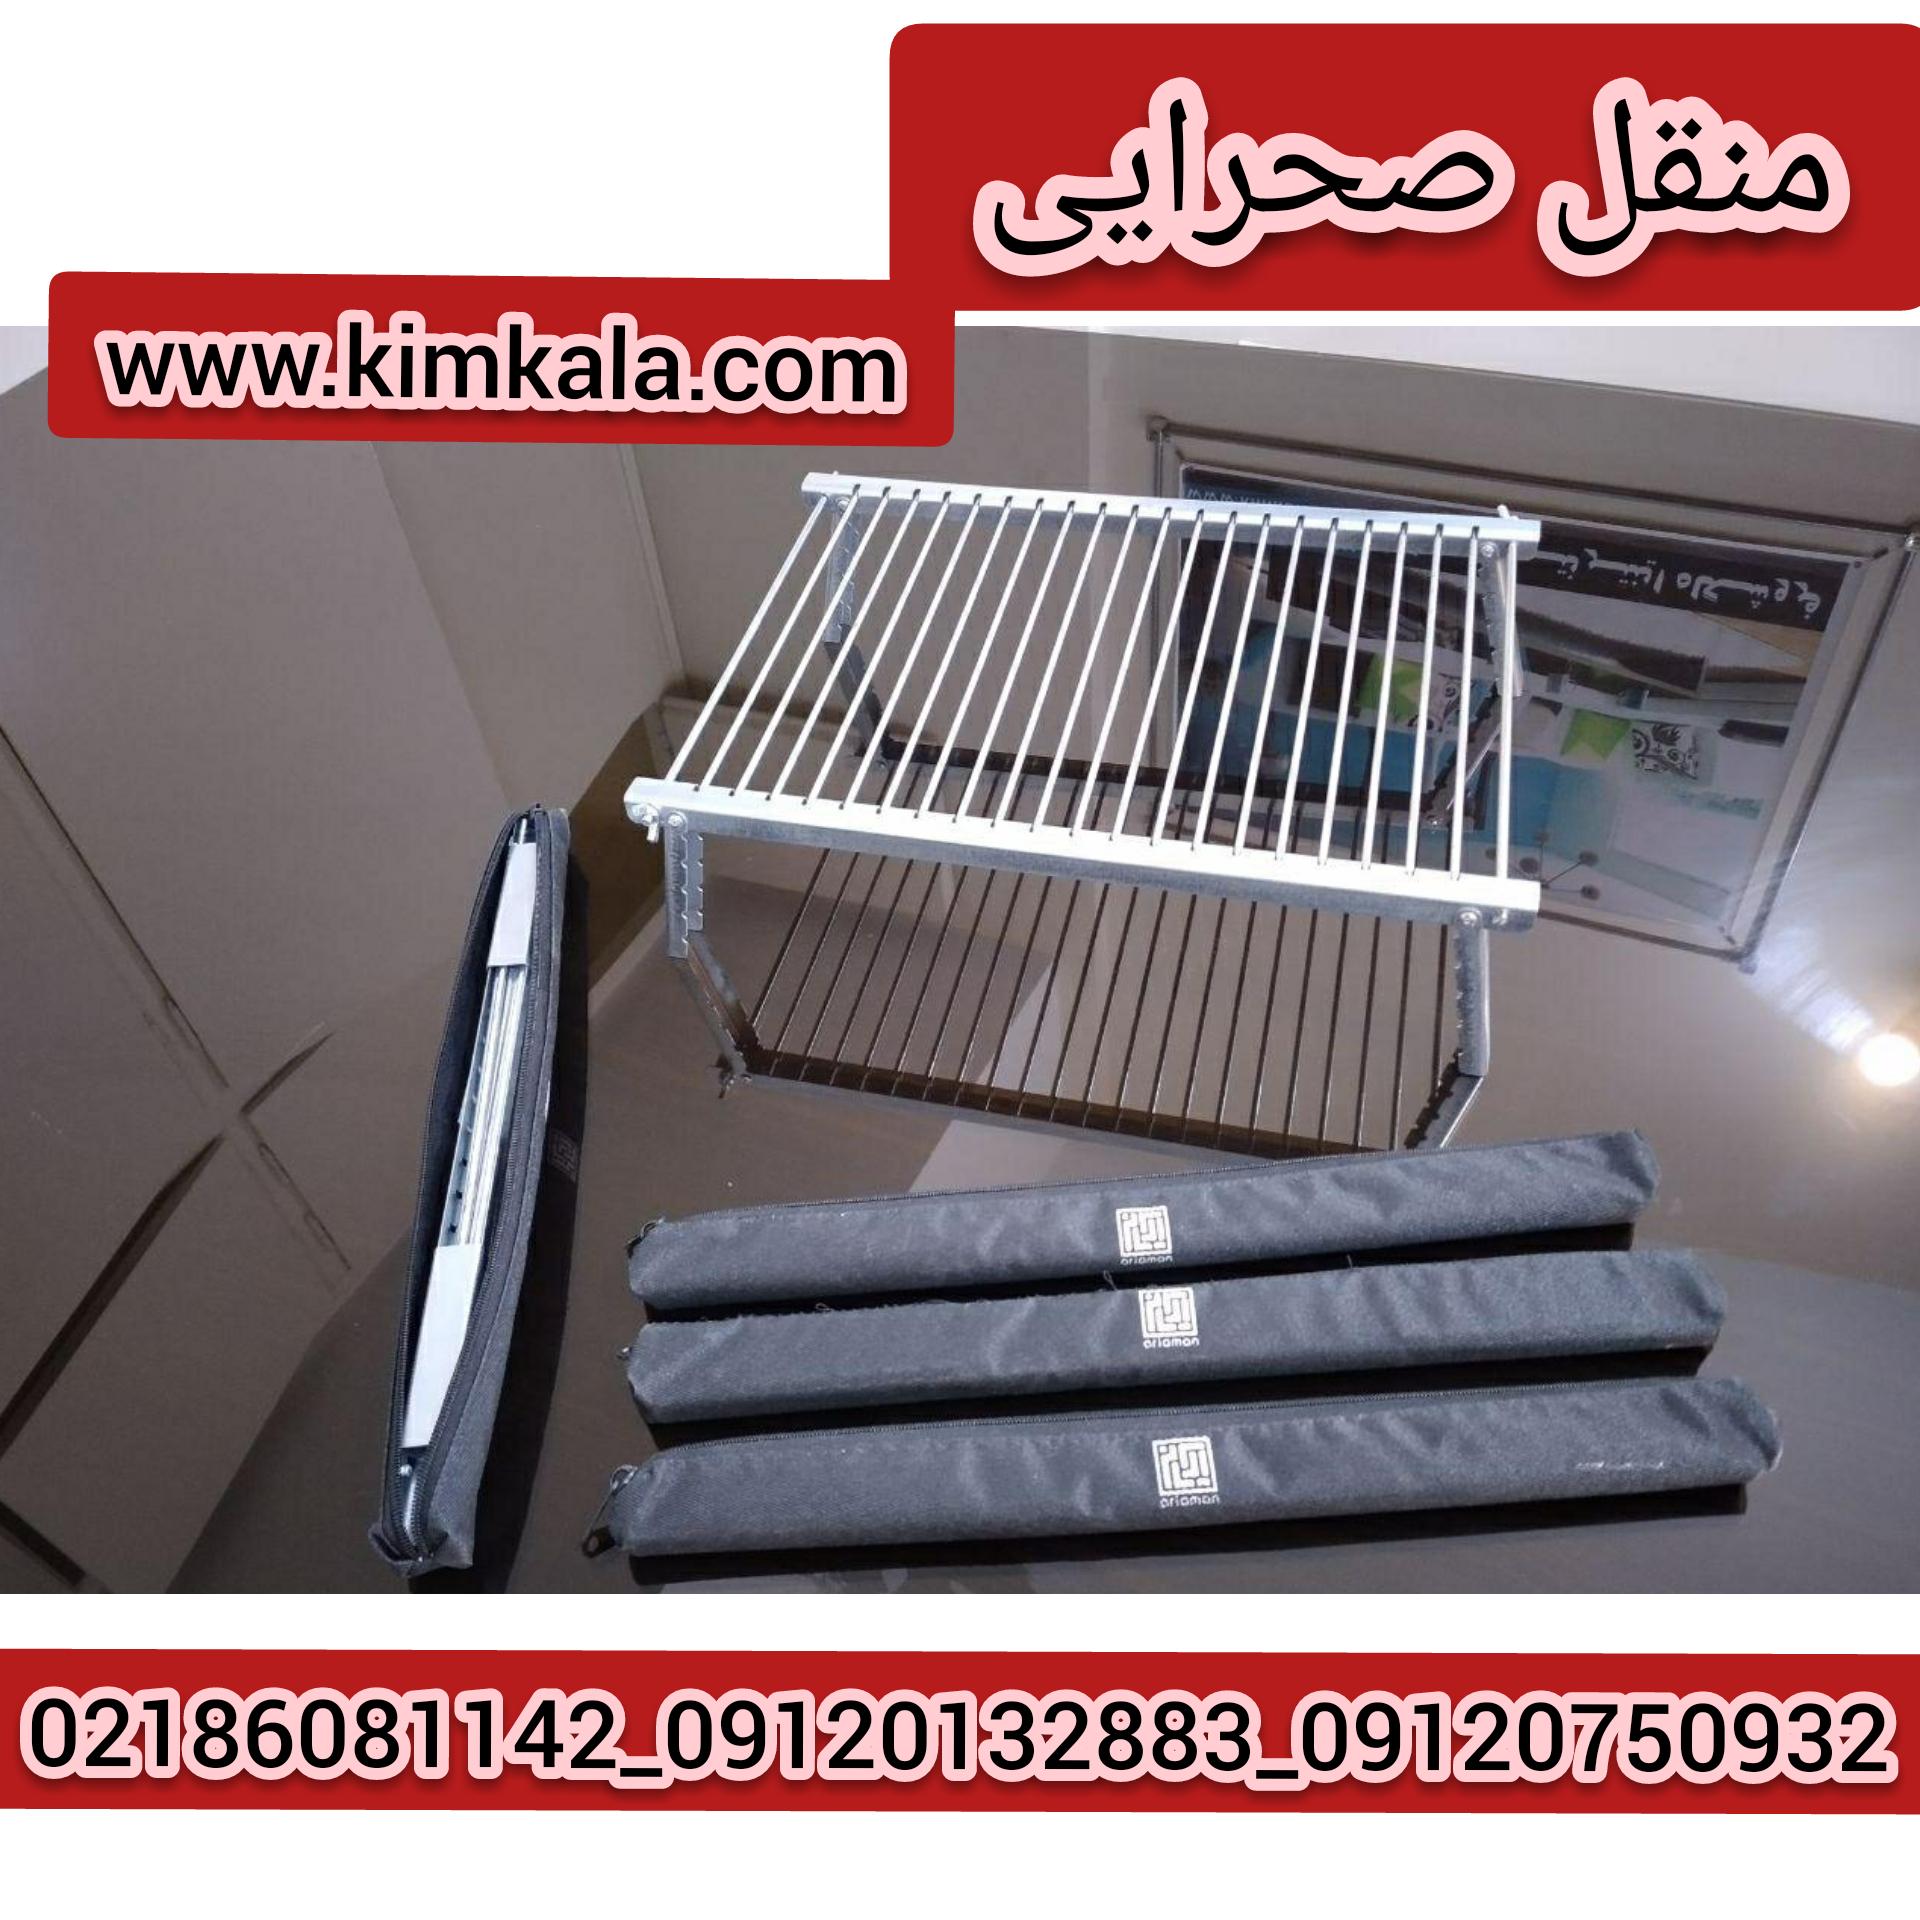 منقل صحرایی۰۹۱۲۰۱۳۲۸۸۳/قیمت منقل صحرایی/منقل